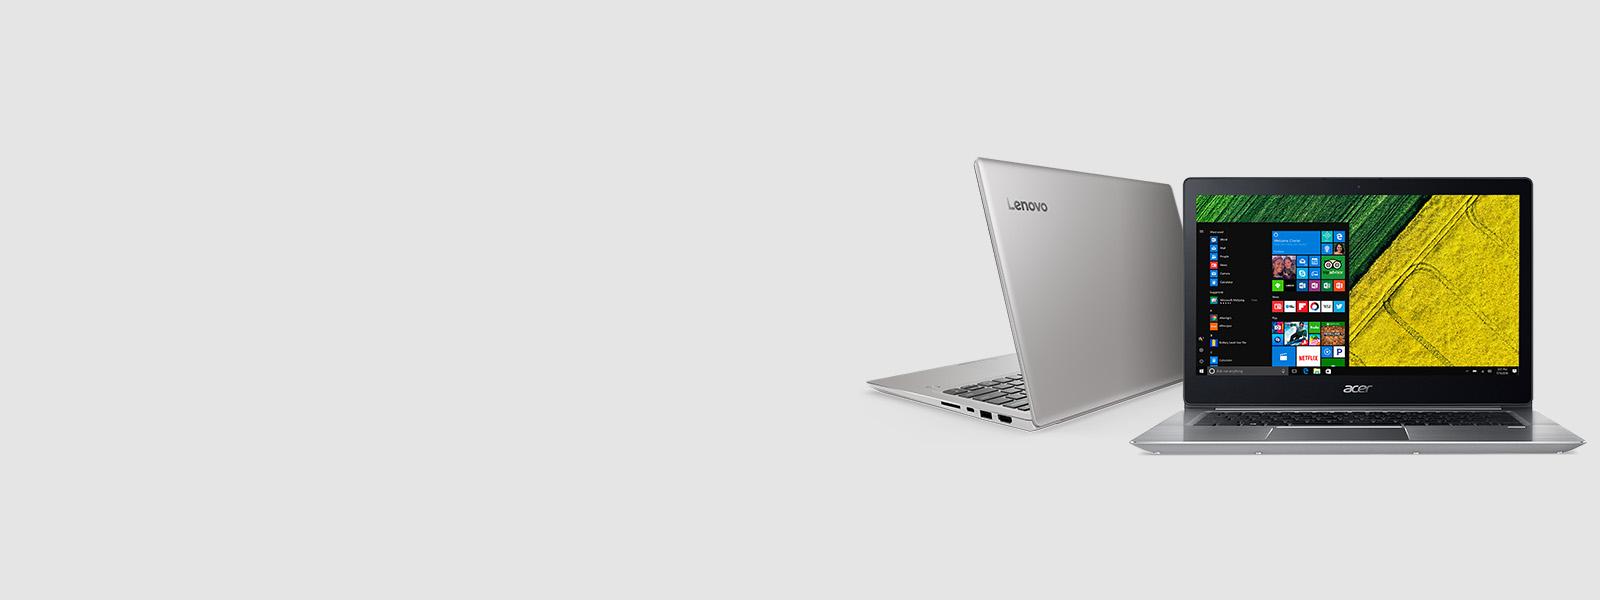 Laptops der Marken Lenovo und Acer